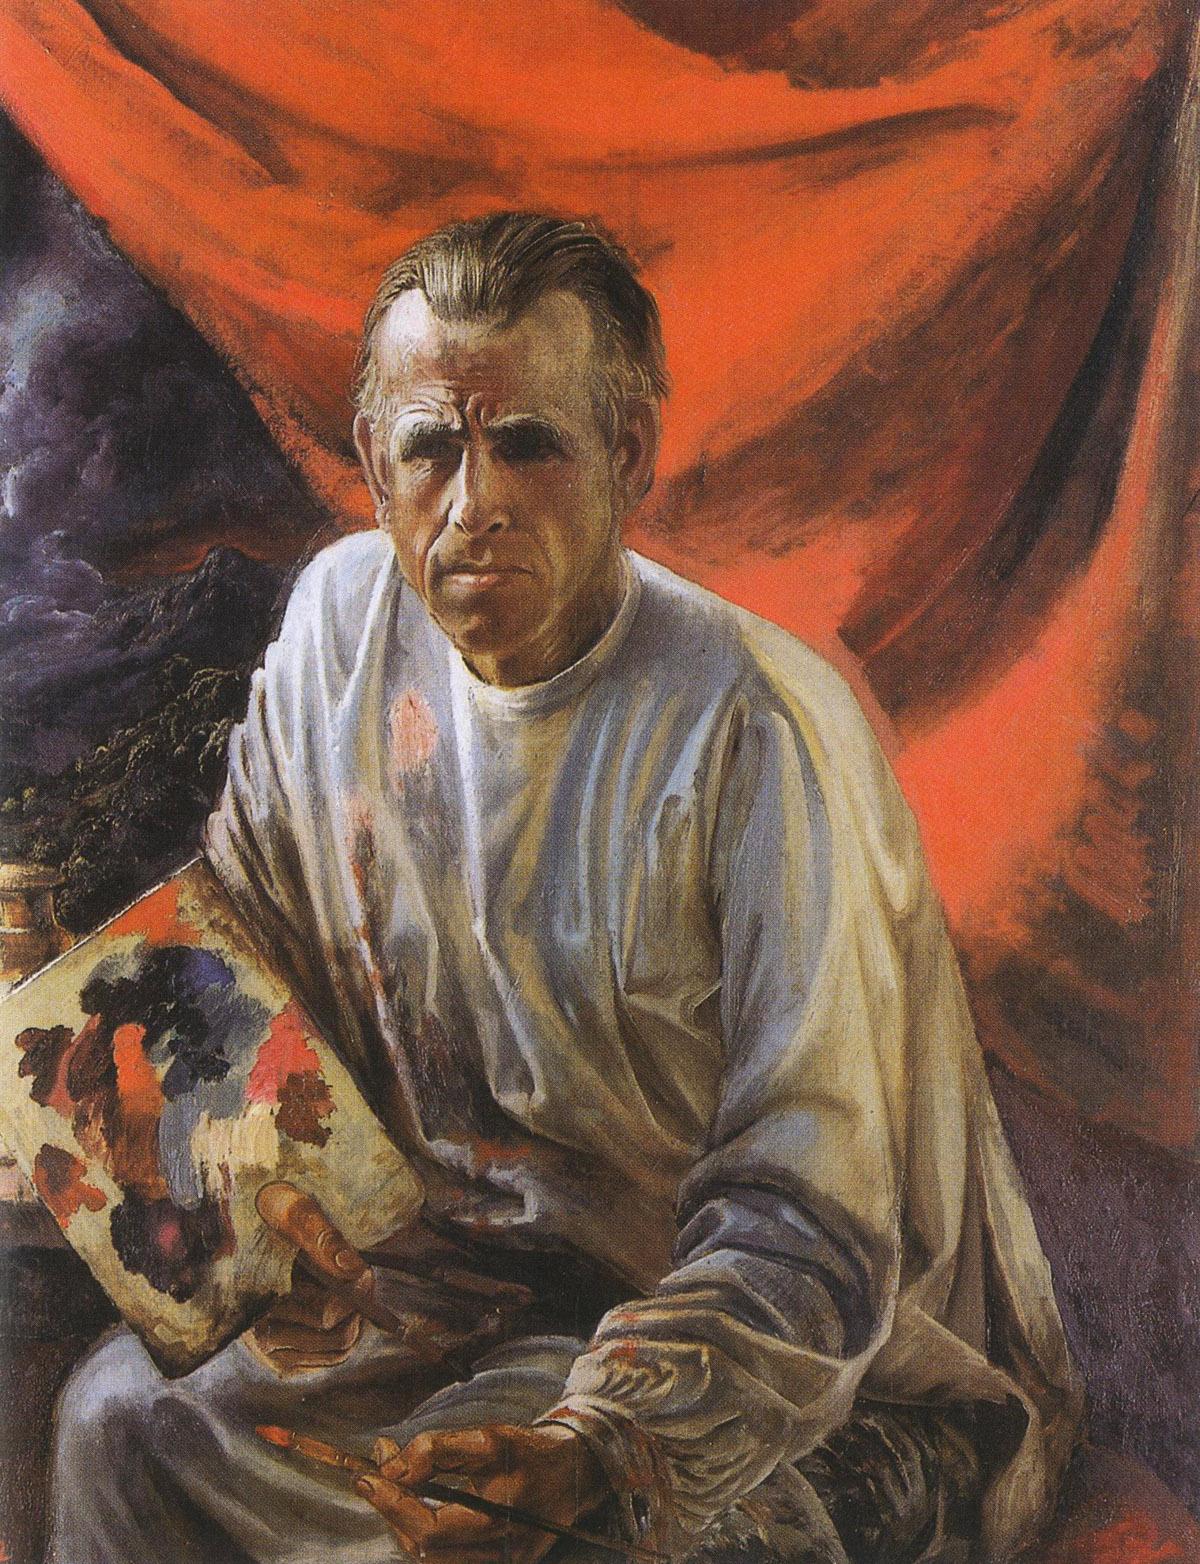 http://1.bp.blogspot.com/_G5Eh25QGzqc/S9IkiJVcTOI/AAAAAAAABUo/xRVG6F9-Qnw/s1600/OttoDix_Self-portrait_1942.jpg